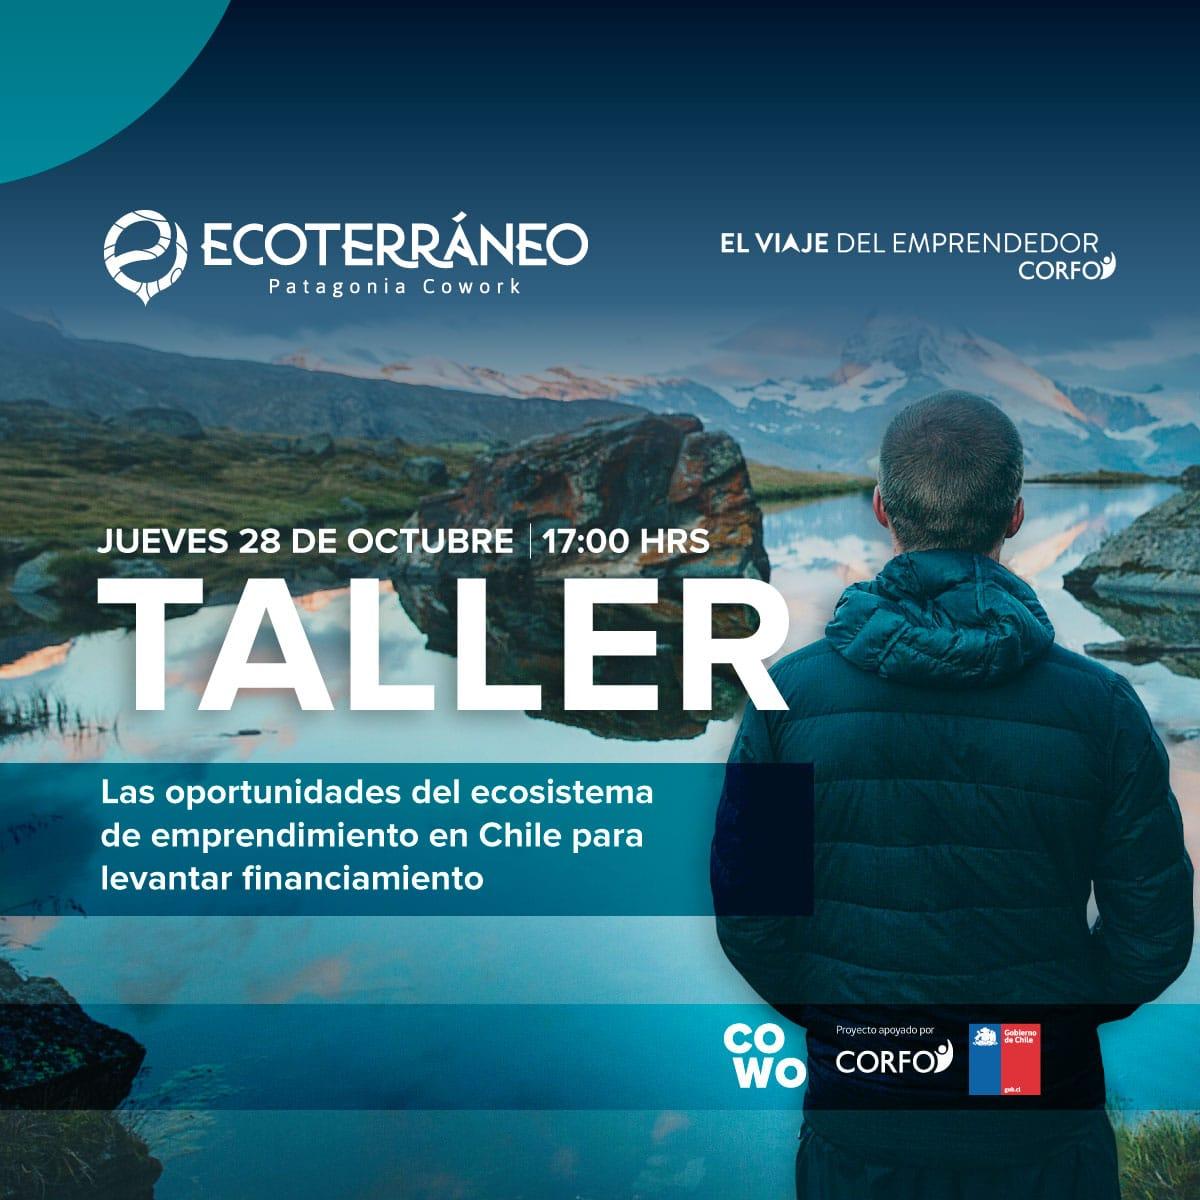 Las oportunidades del ecosistema de emprendimiento en Chile para levantar financiamiento